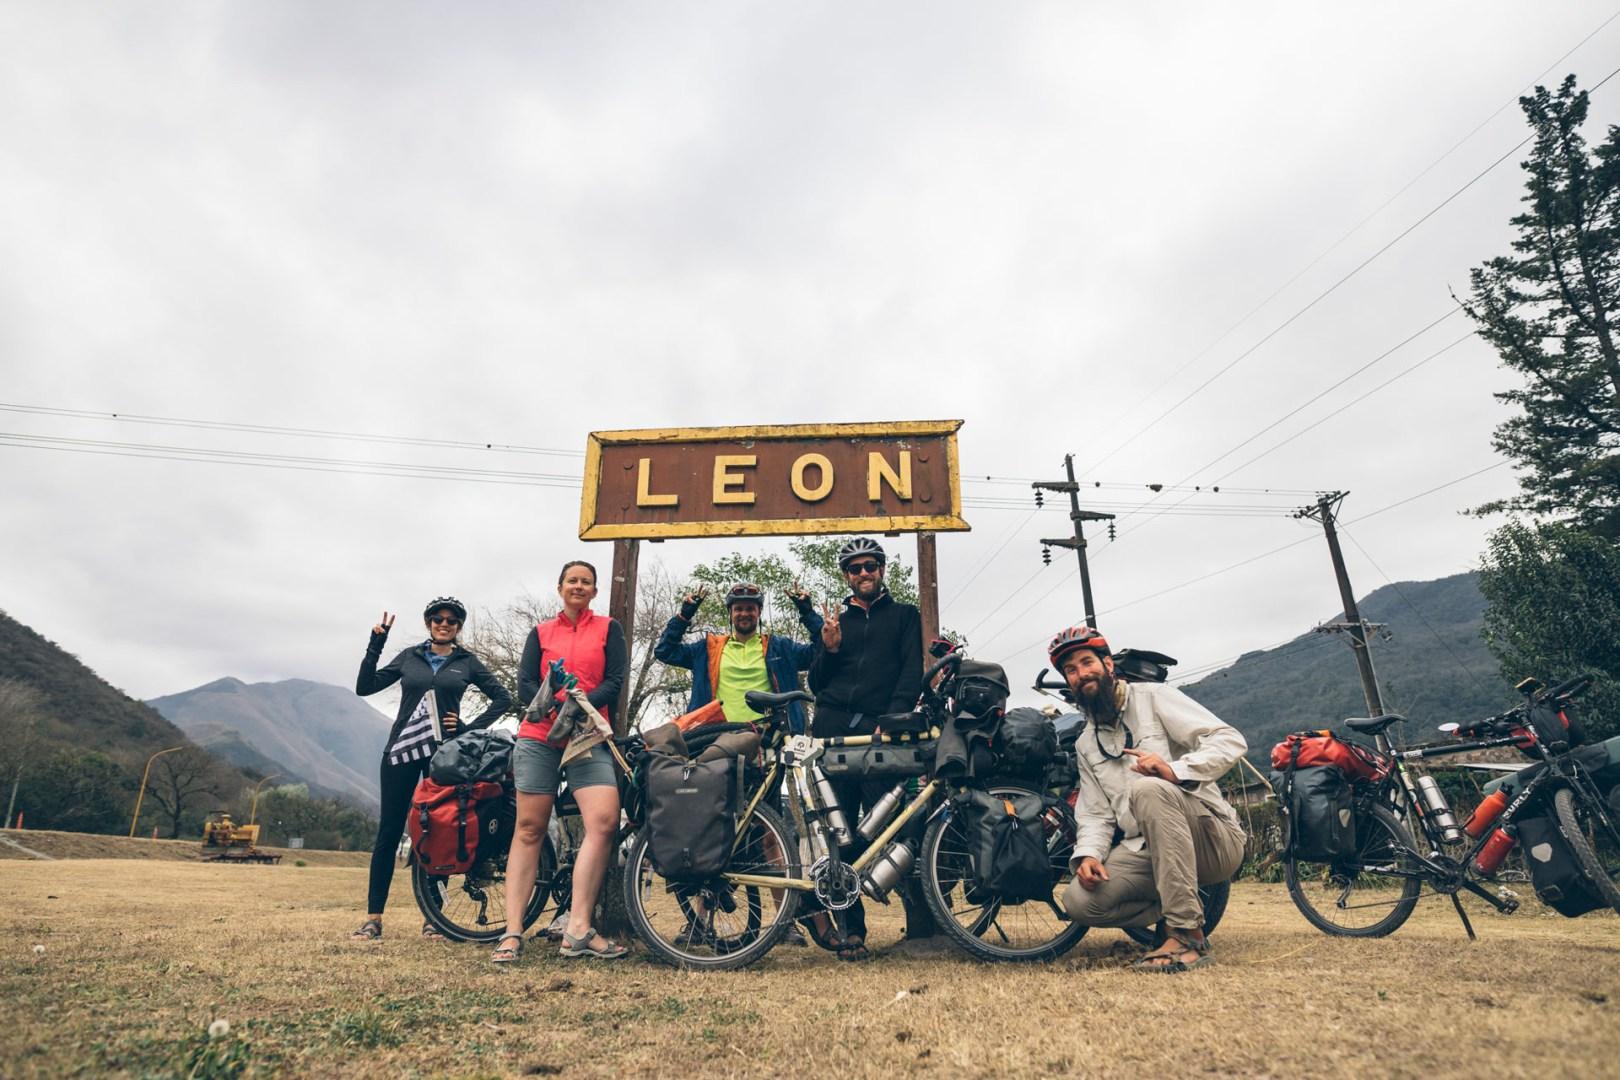 On arrive à la ville de Leon